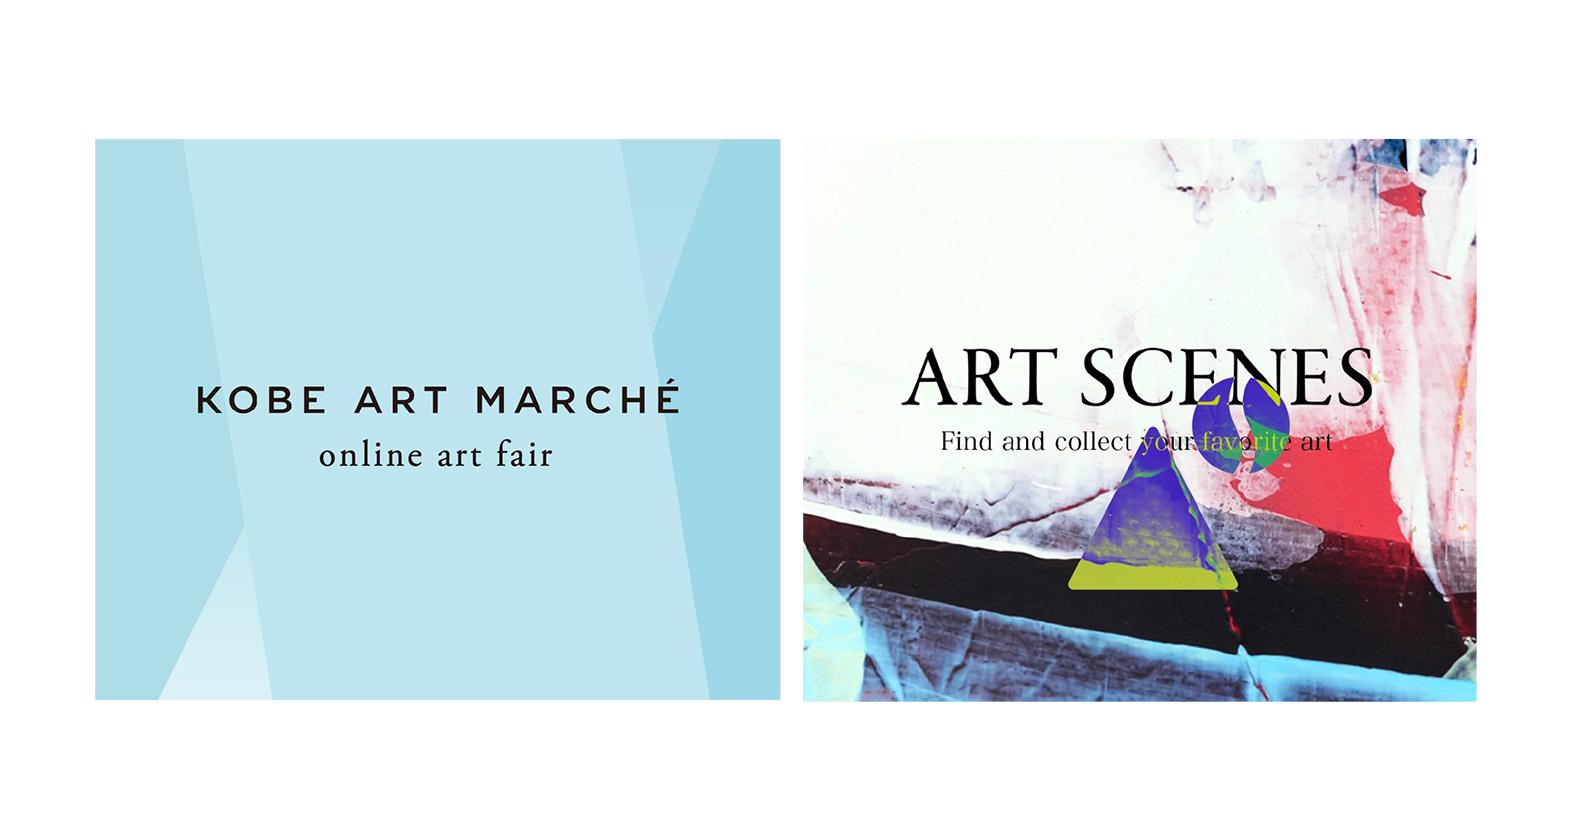 KOBE ART MARCHE online art fair